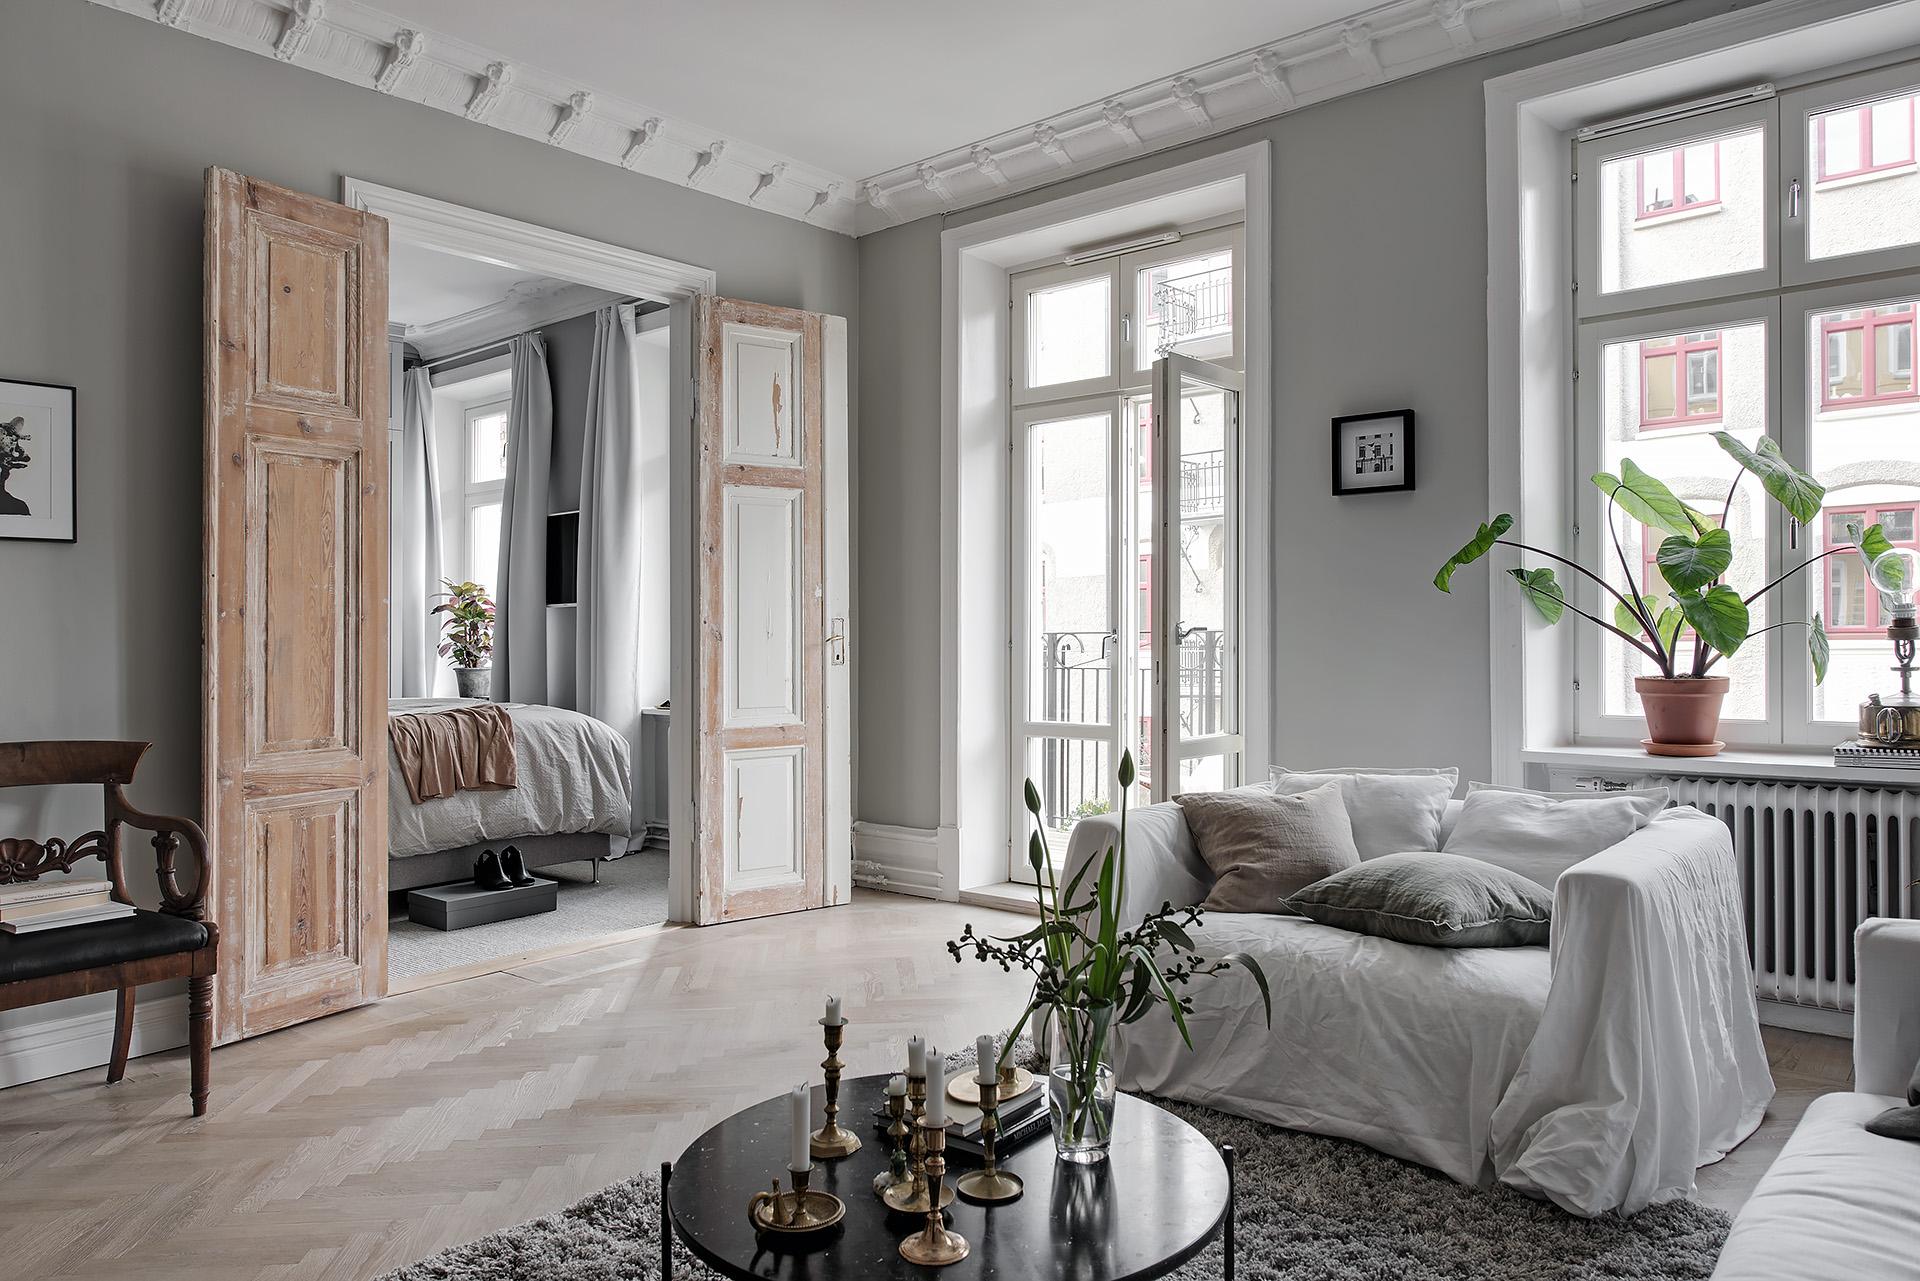 гостиная окно выход на балкон паркет елочка серые стены диван подушки круглый столик деревянные распашные двери